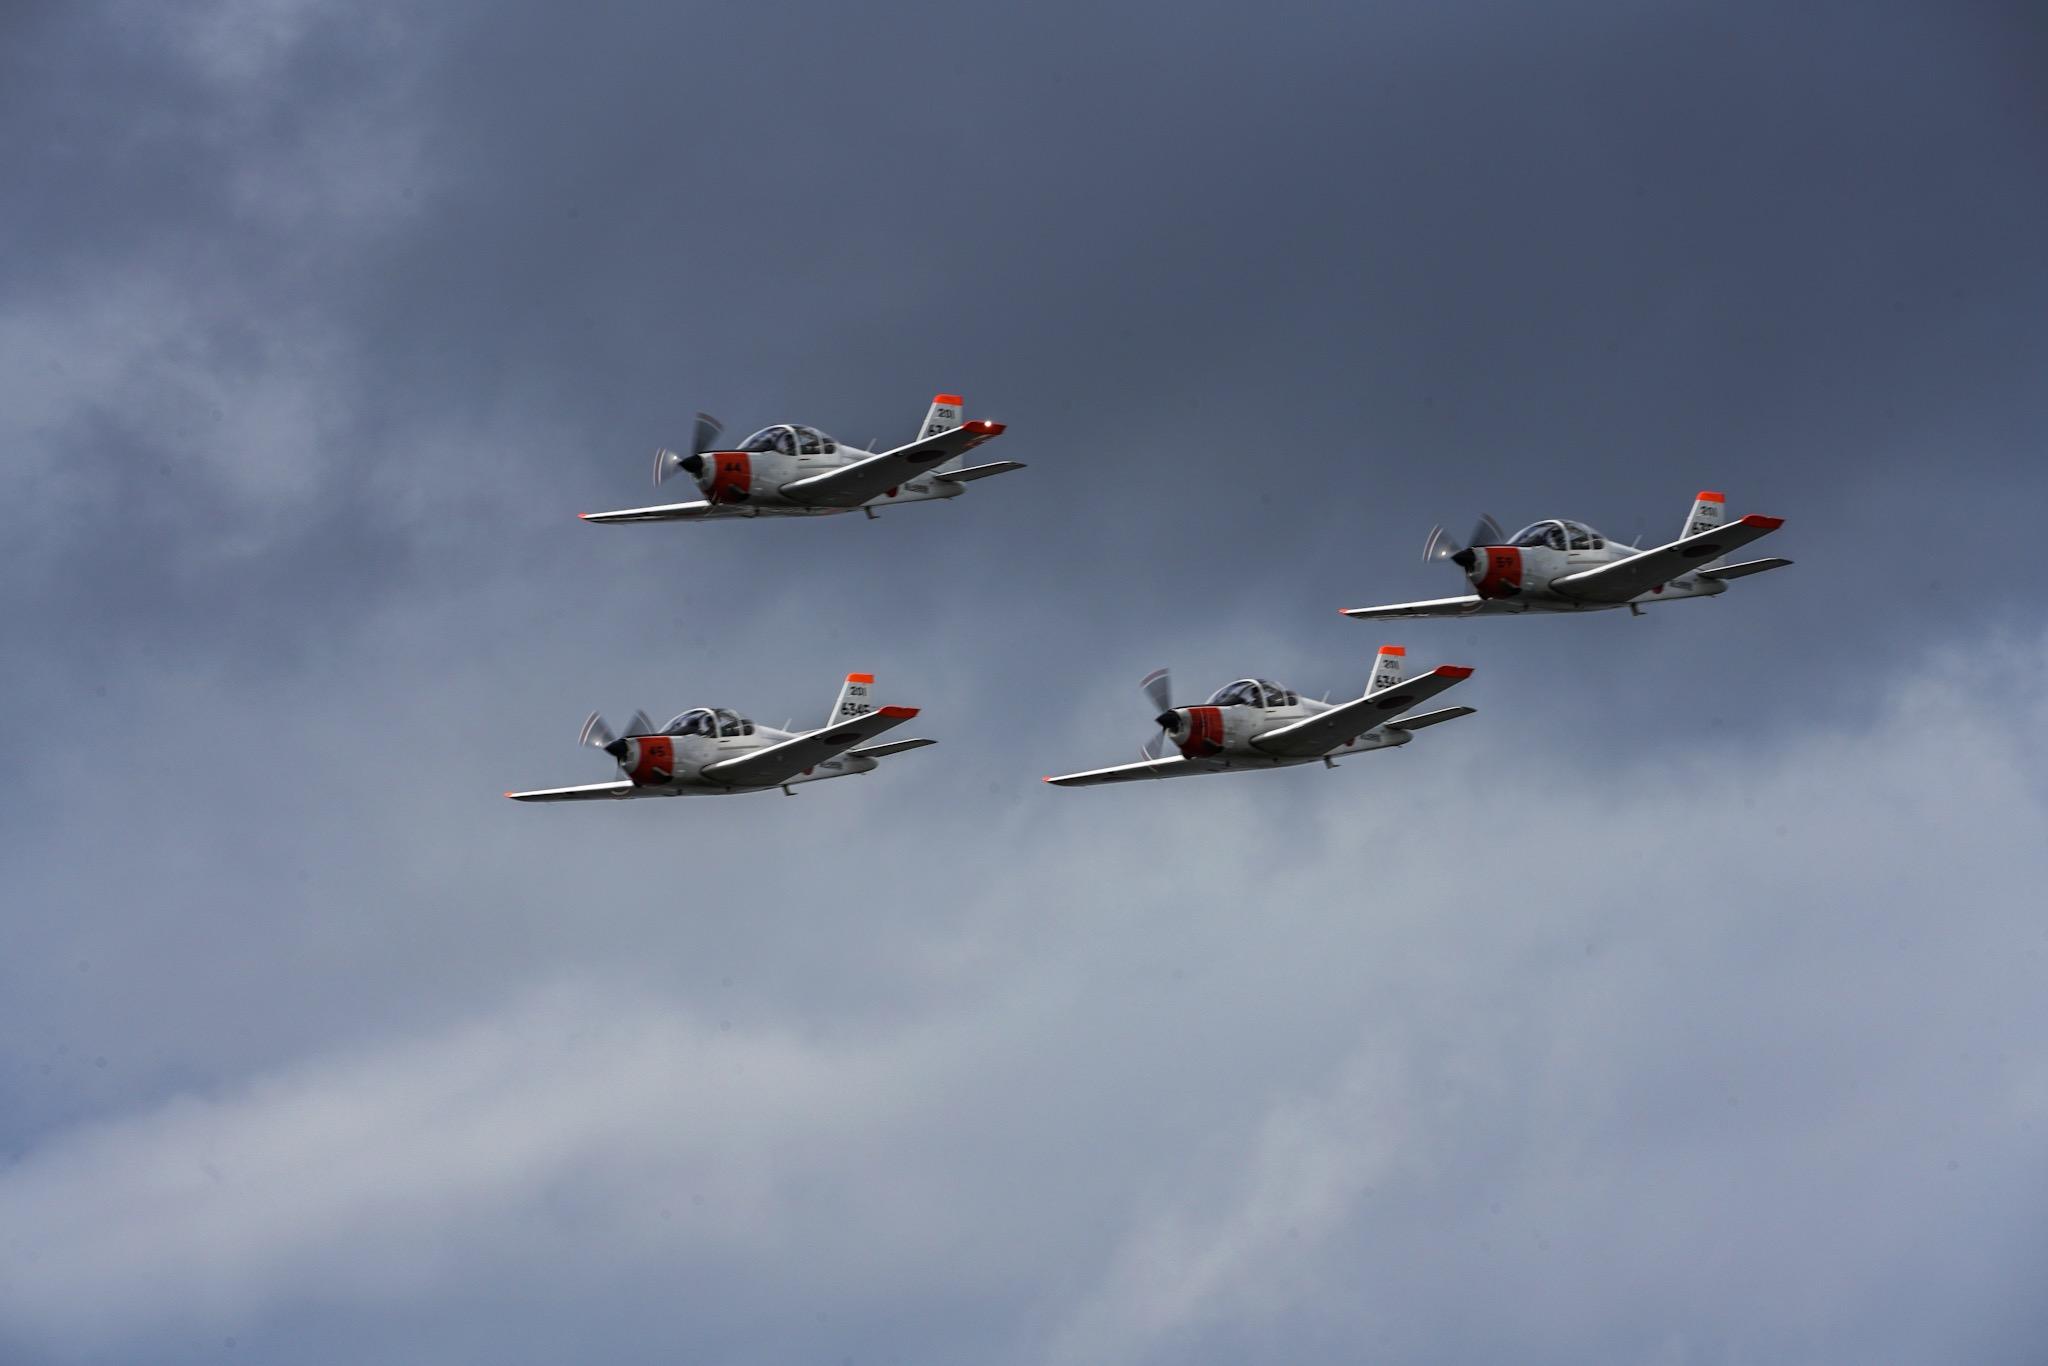 海上自衛隊曲技飛行チーム「WHITE ARROWS」